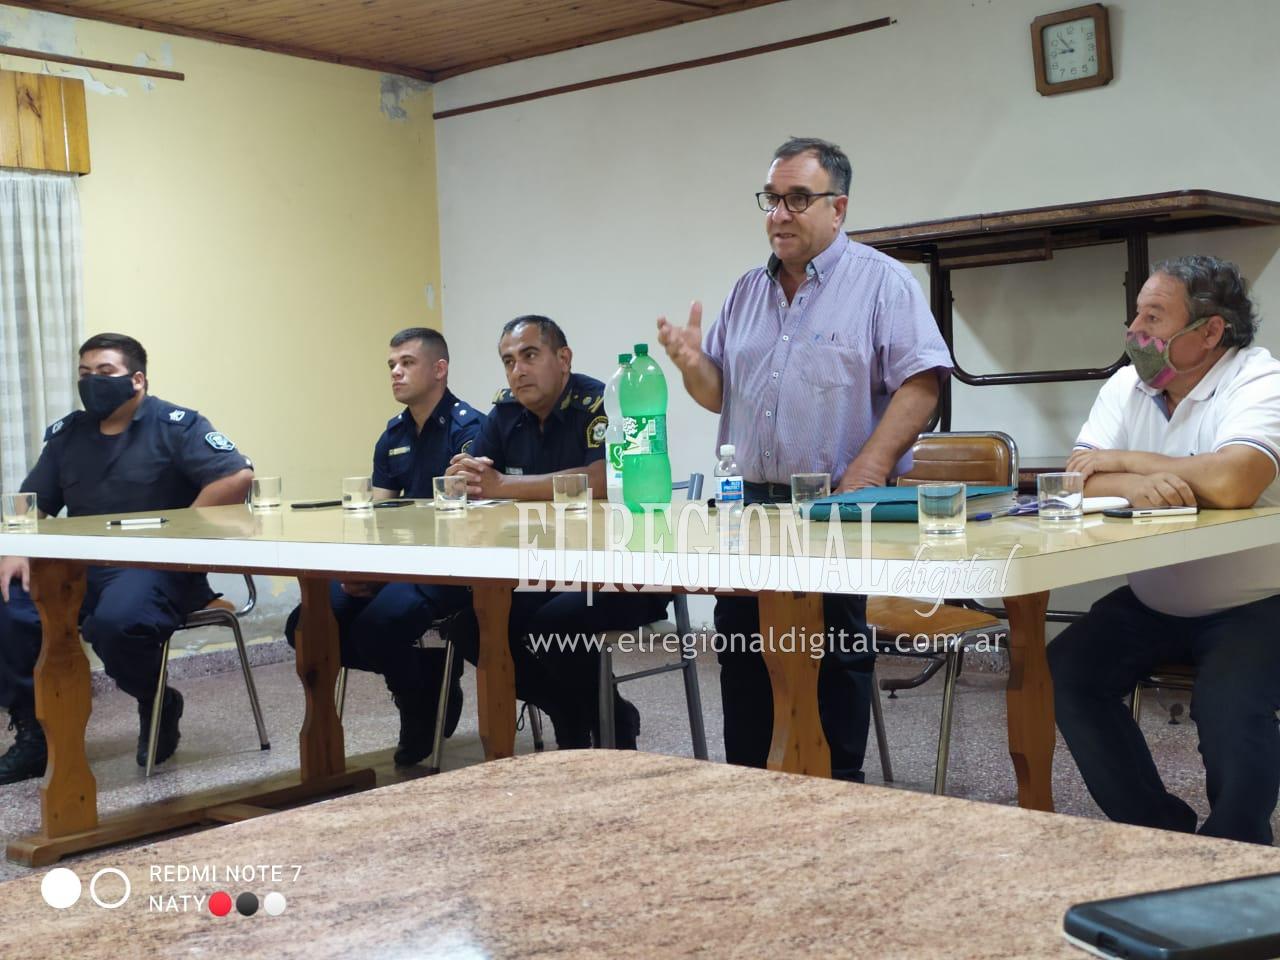 Inseguridad: Vecinos de La Niña expusieron su preocupación de inseguridad ante funcionarios municipales y de Policía